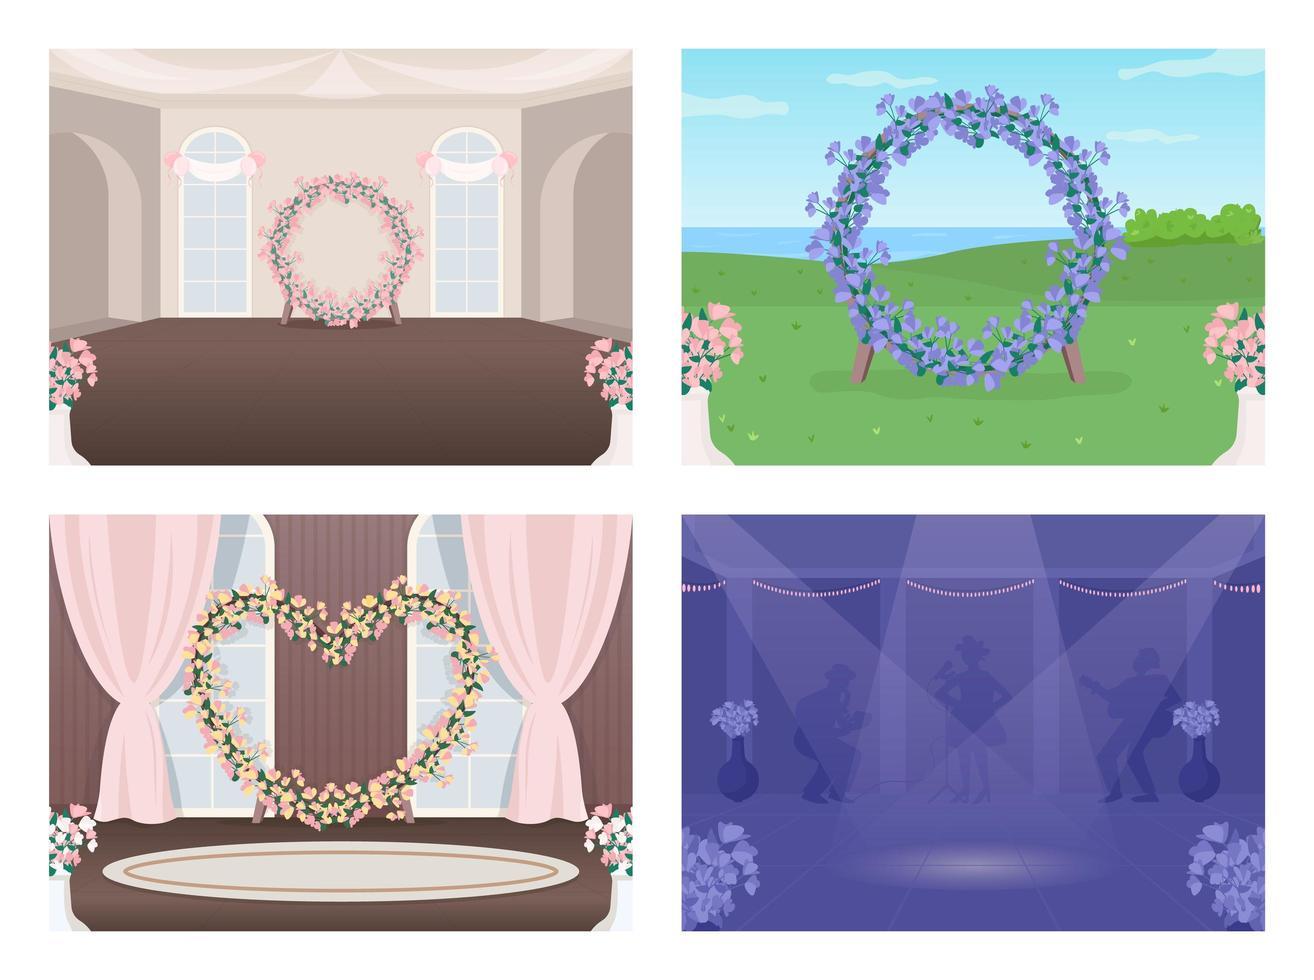 conjunto de lugar de boda decorado vector